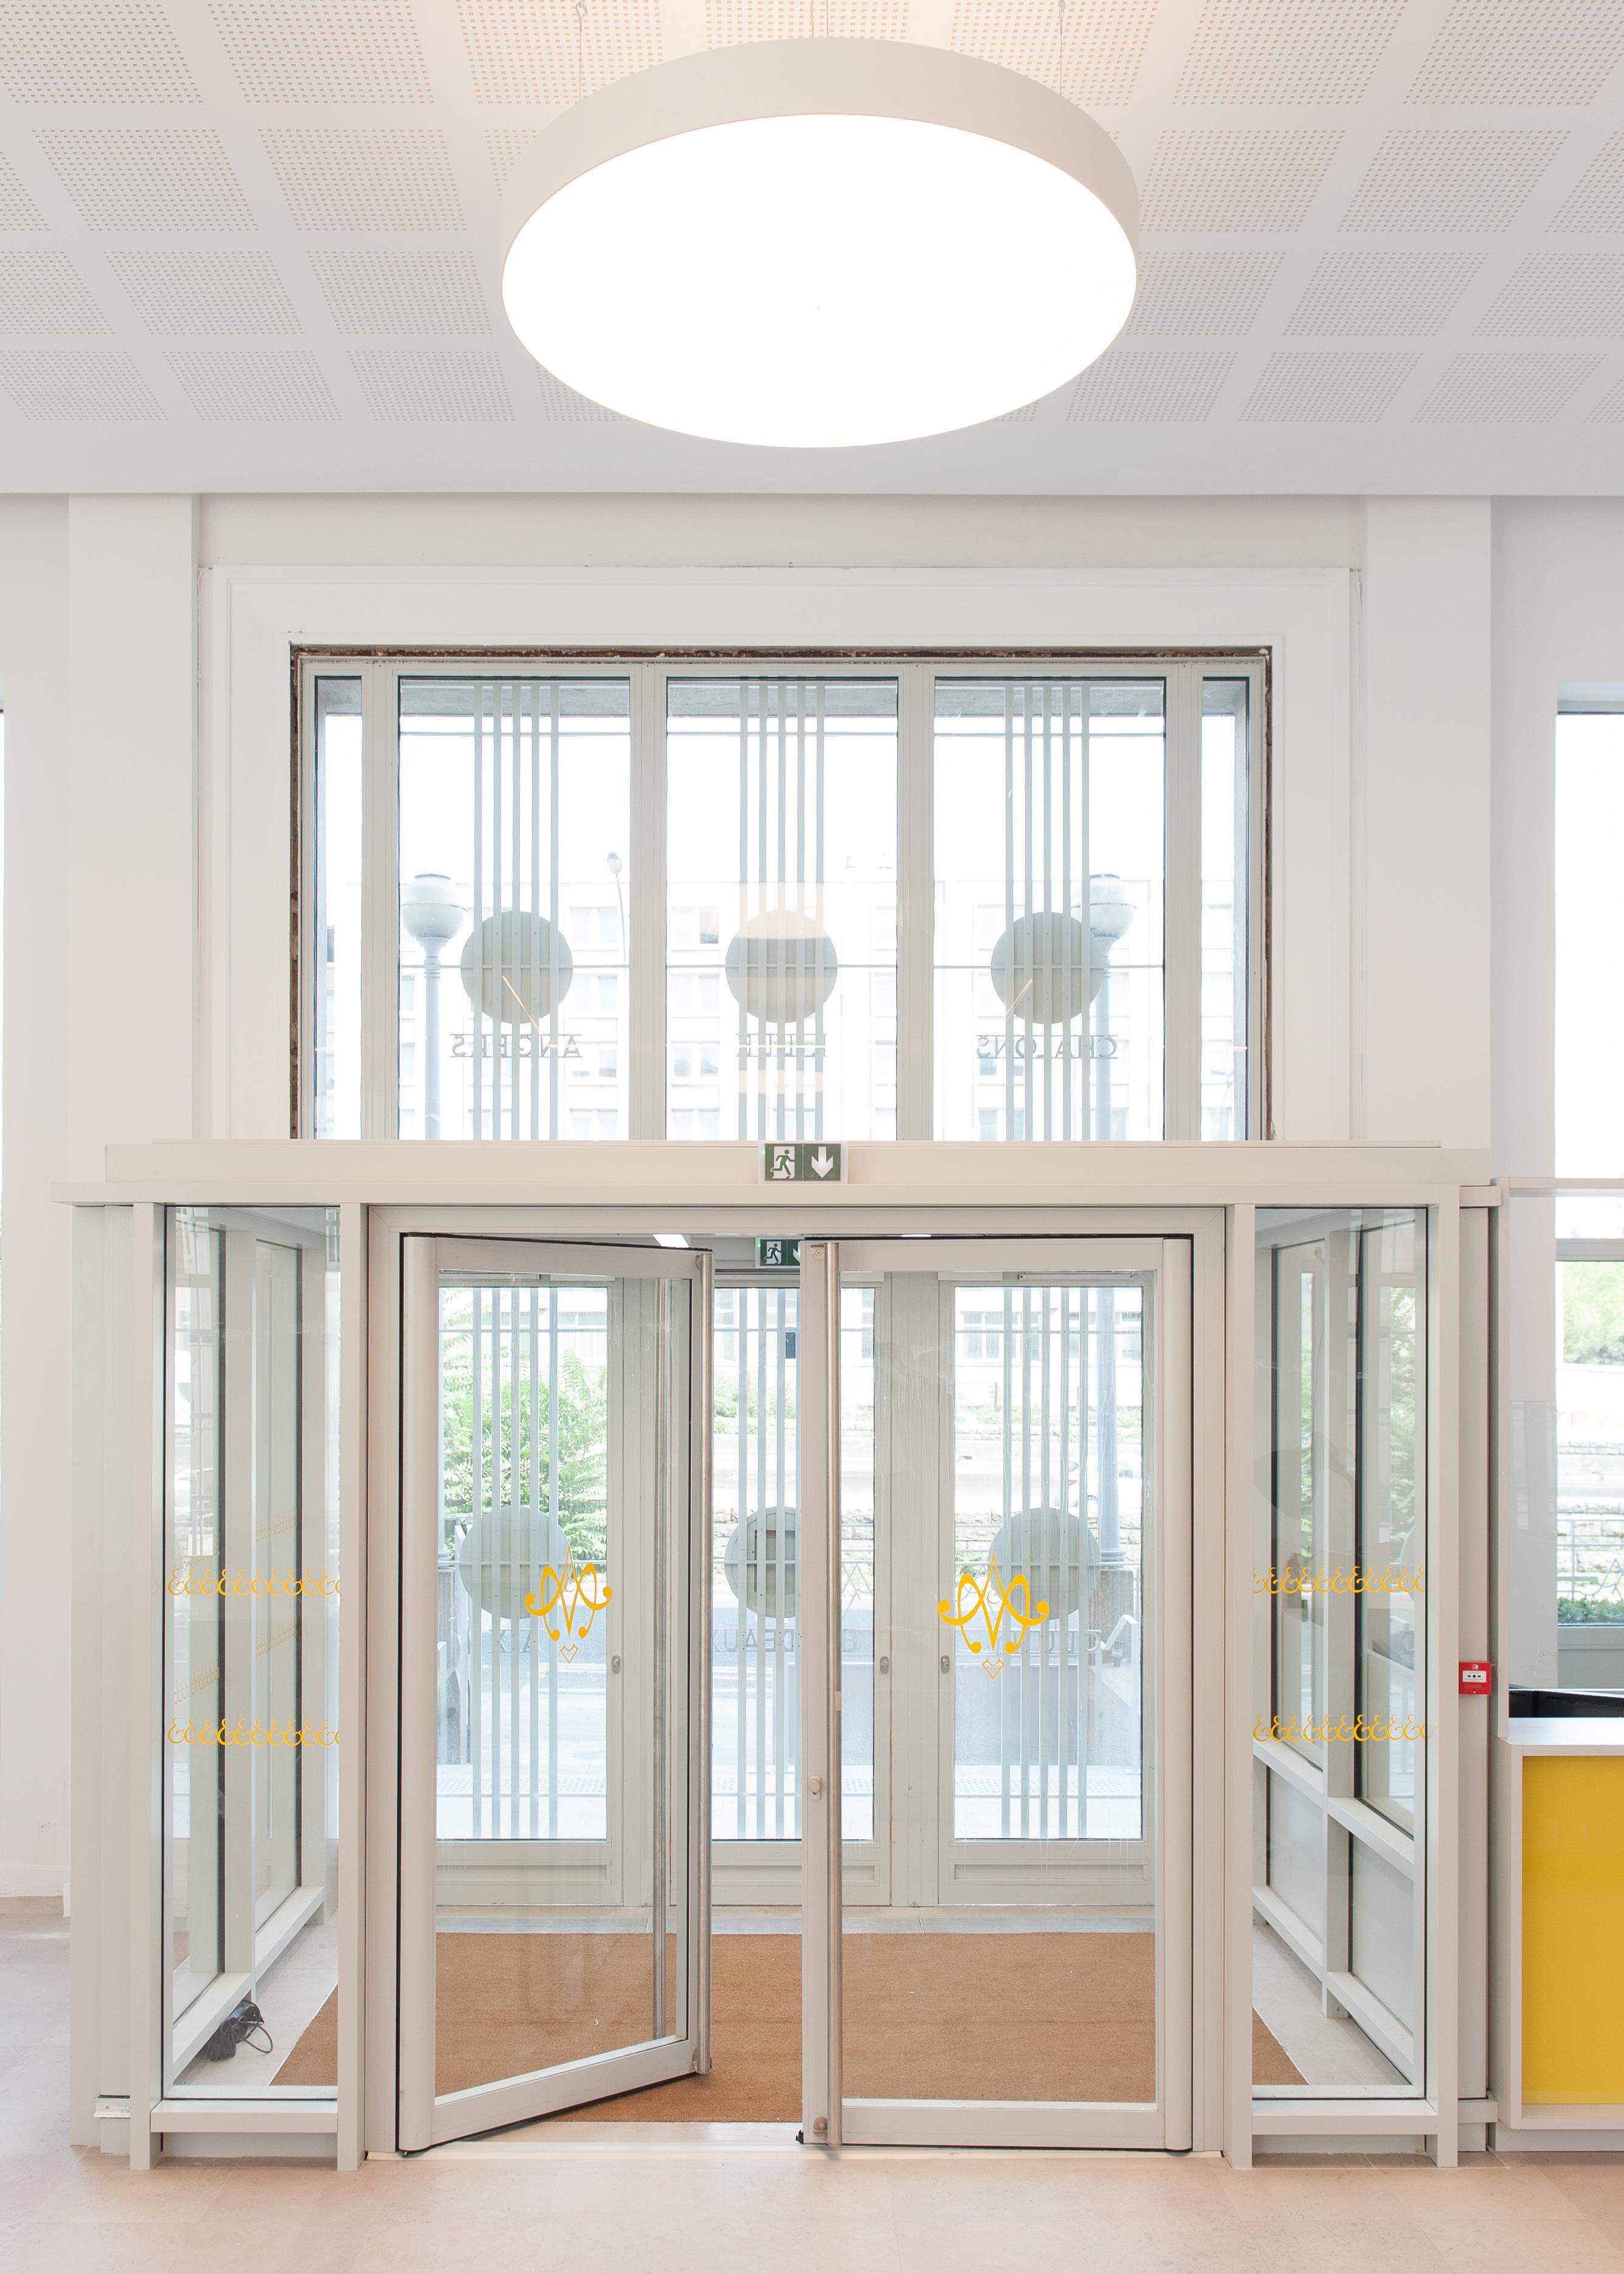 Maisons des arts et m tiers 006 28082017 barboux gregory bda - Maison arts et metiers ...